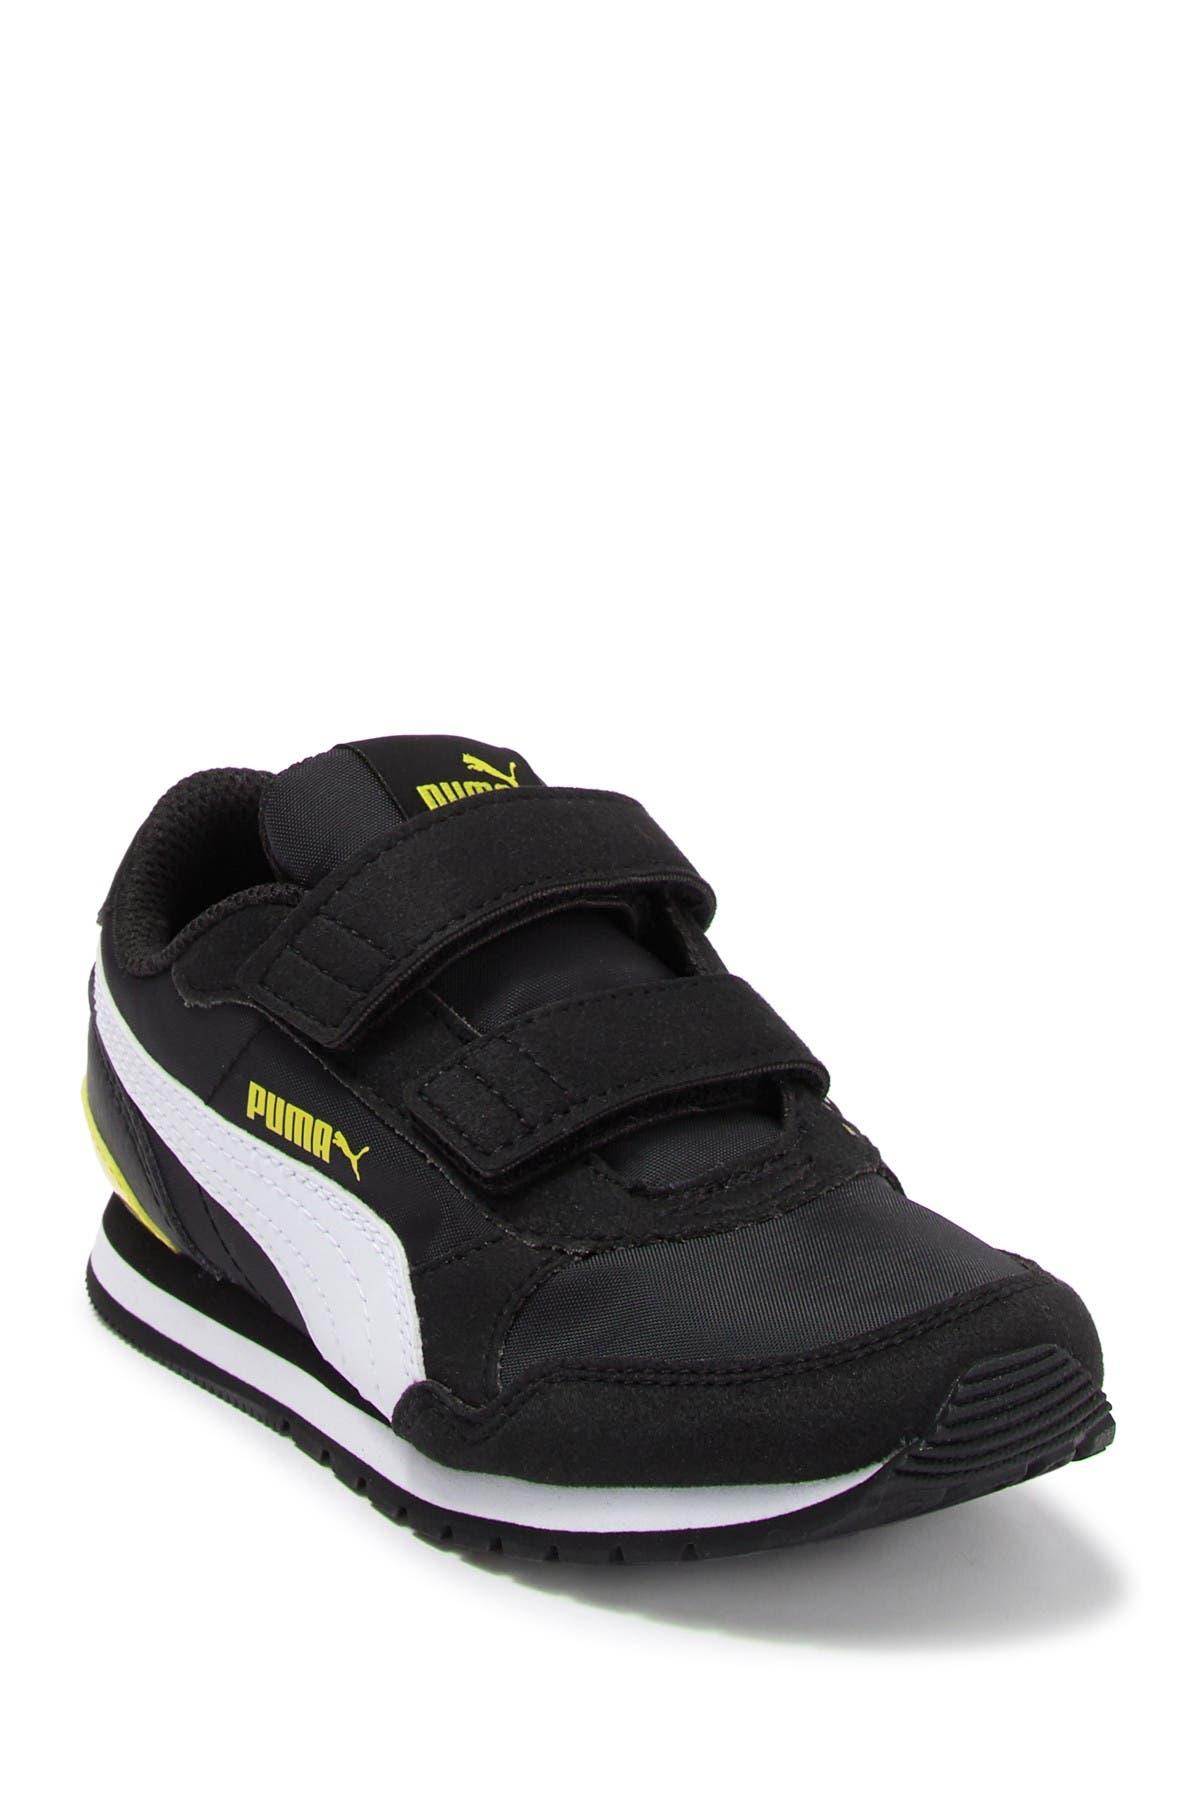 PUMA | St Runner V2 Sneaker | Nordstrom